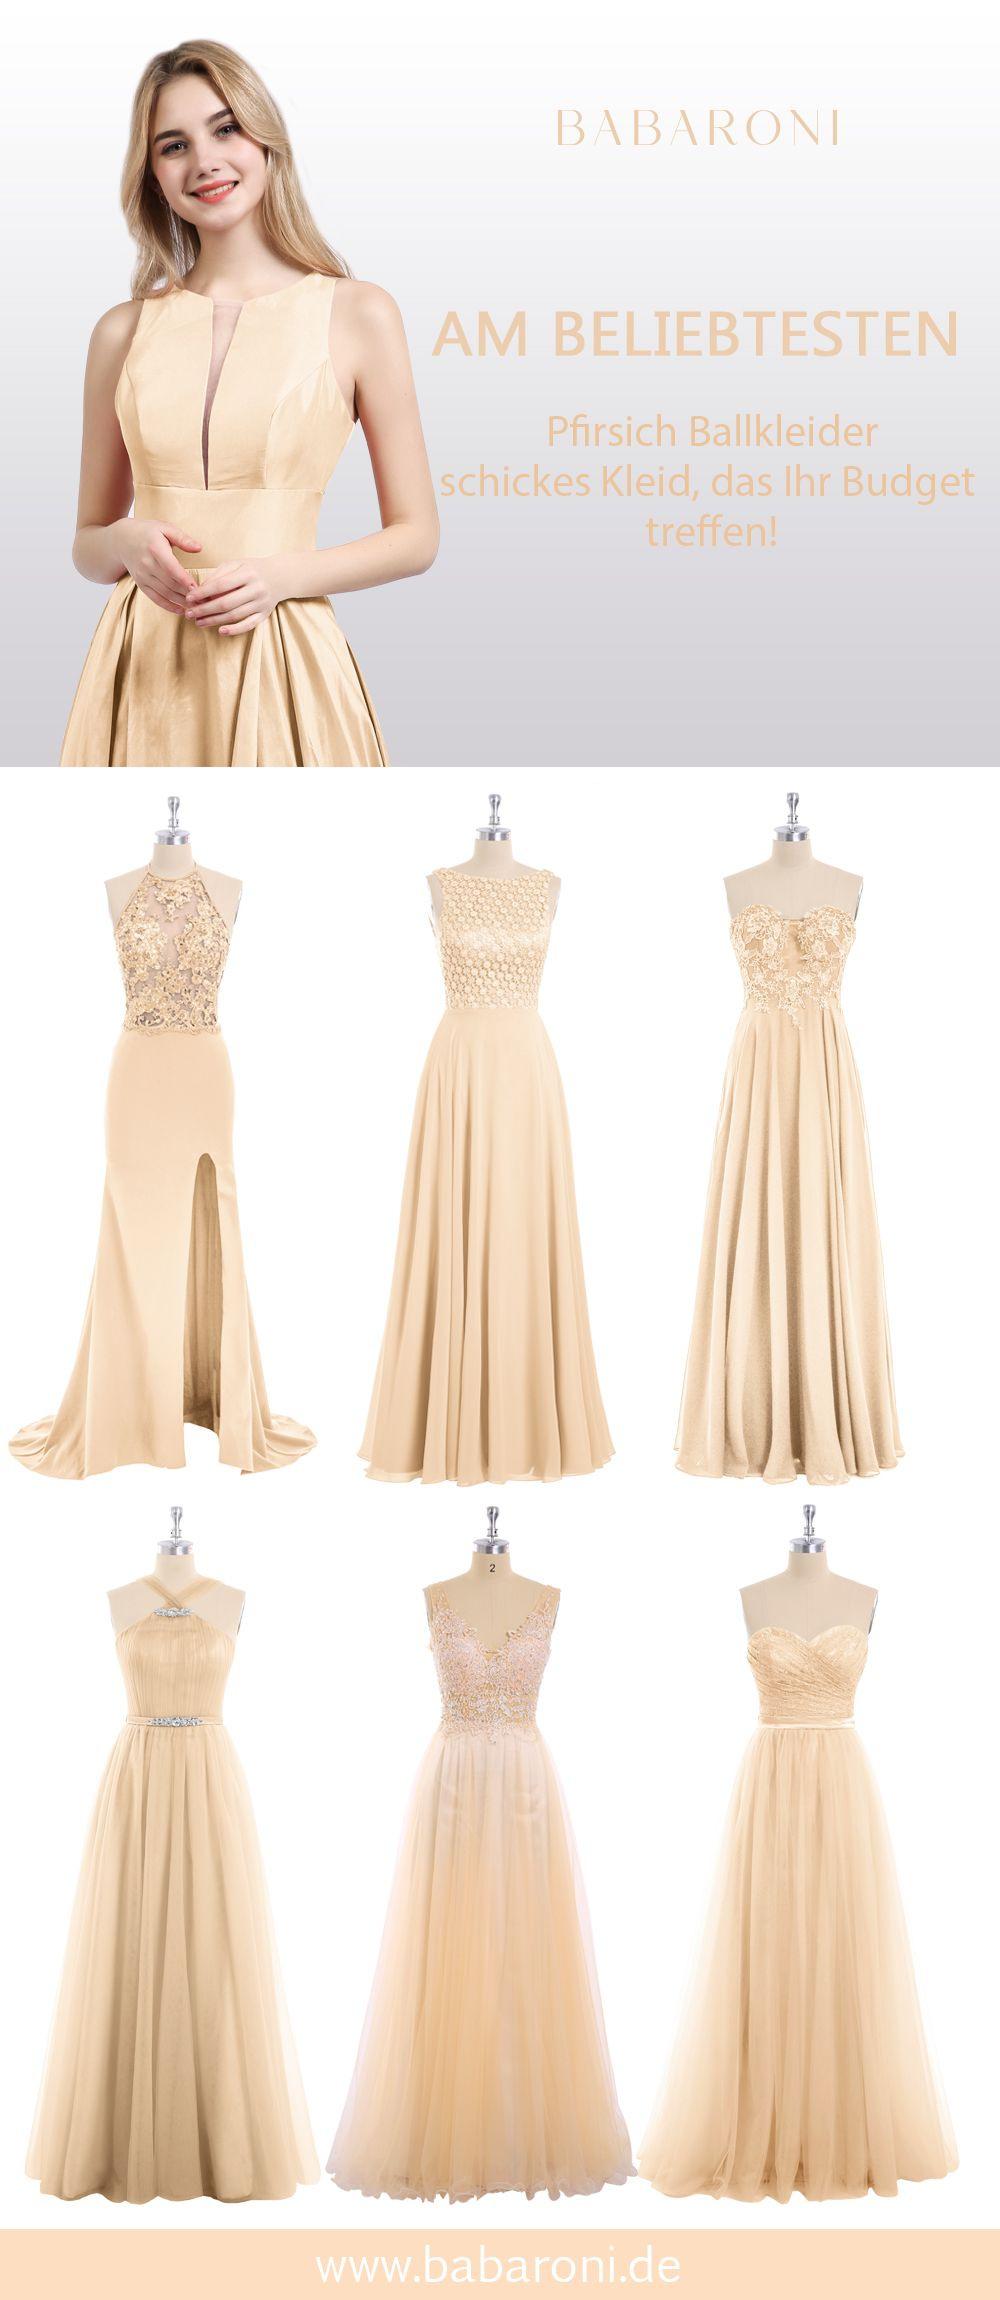 10 Schön Mädchen Abendkleider Vertrieb Cool Mädchen Abendkleider Spezialgebiet